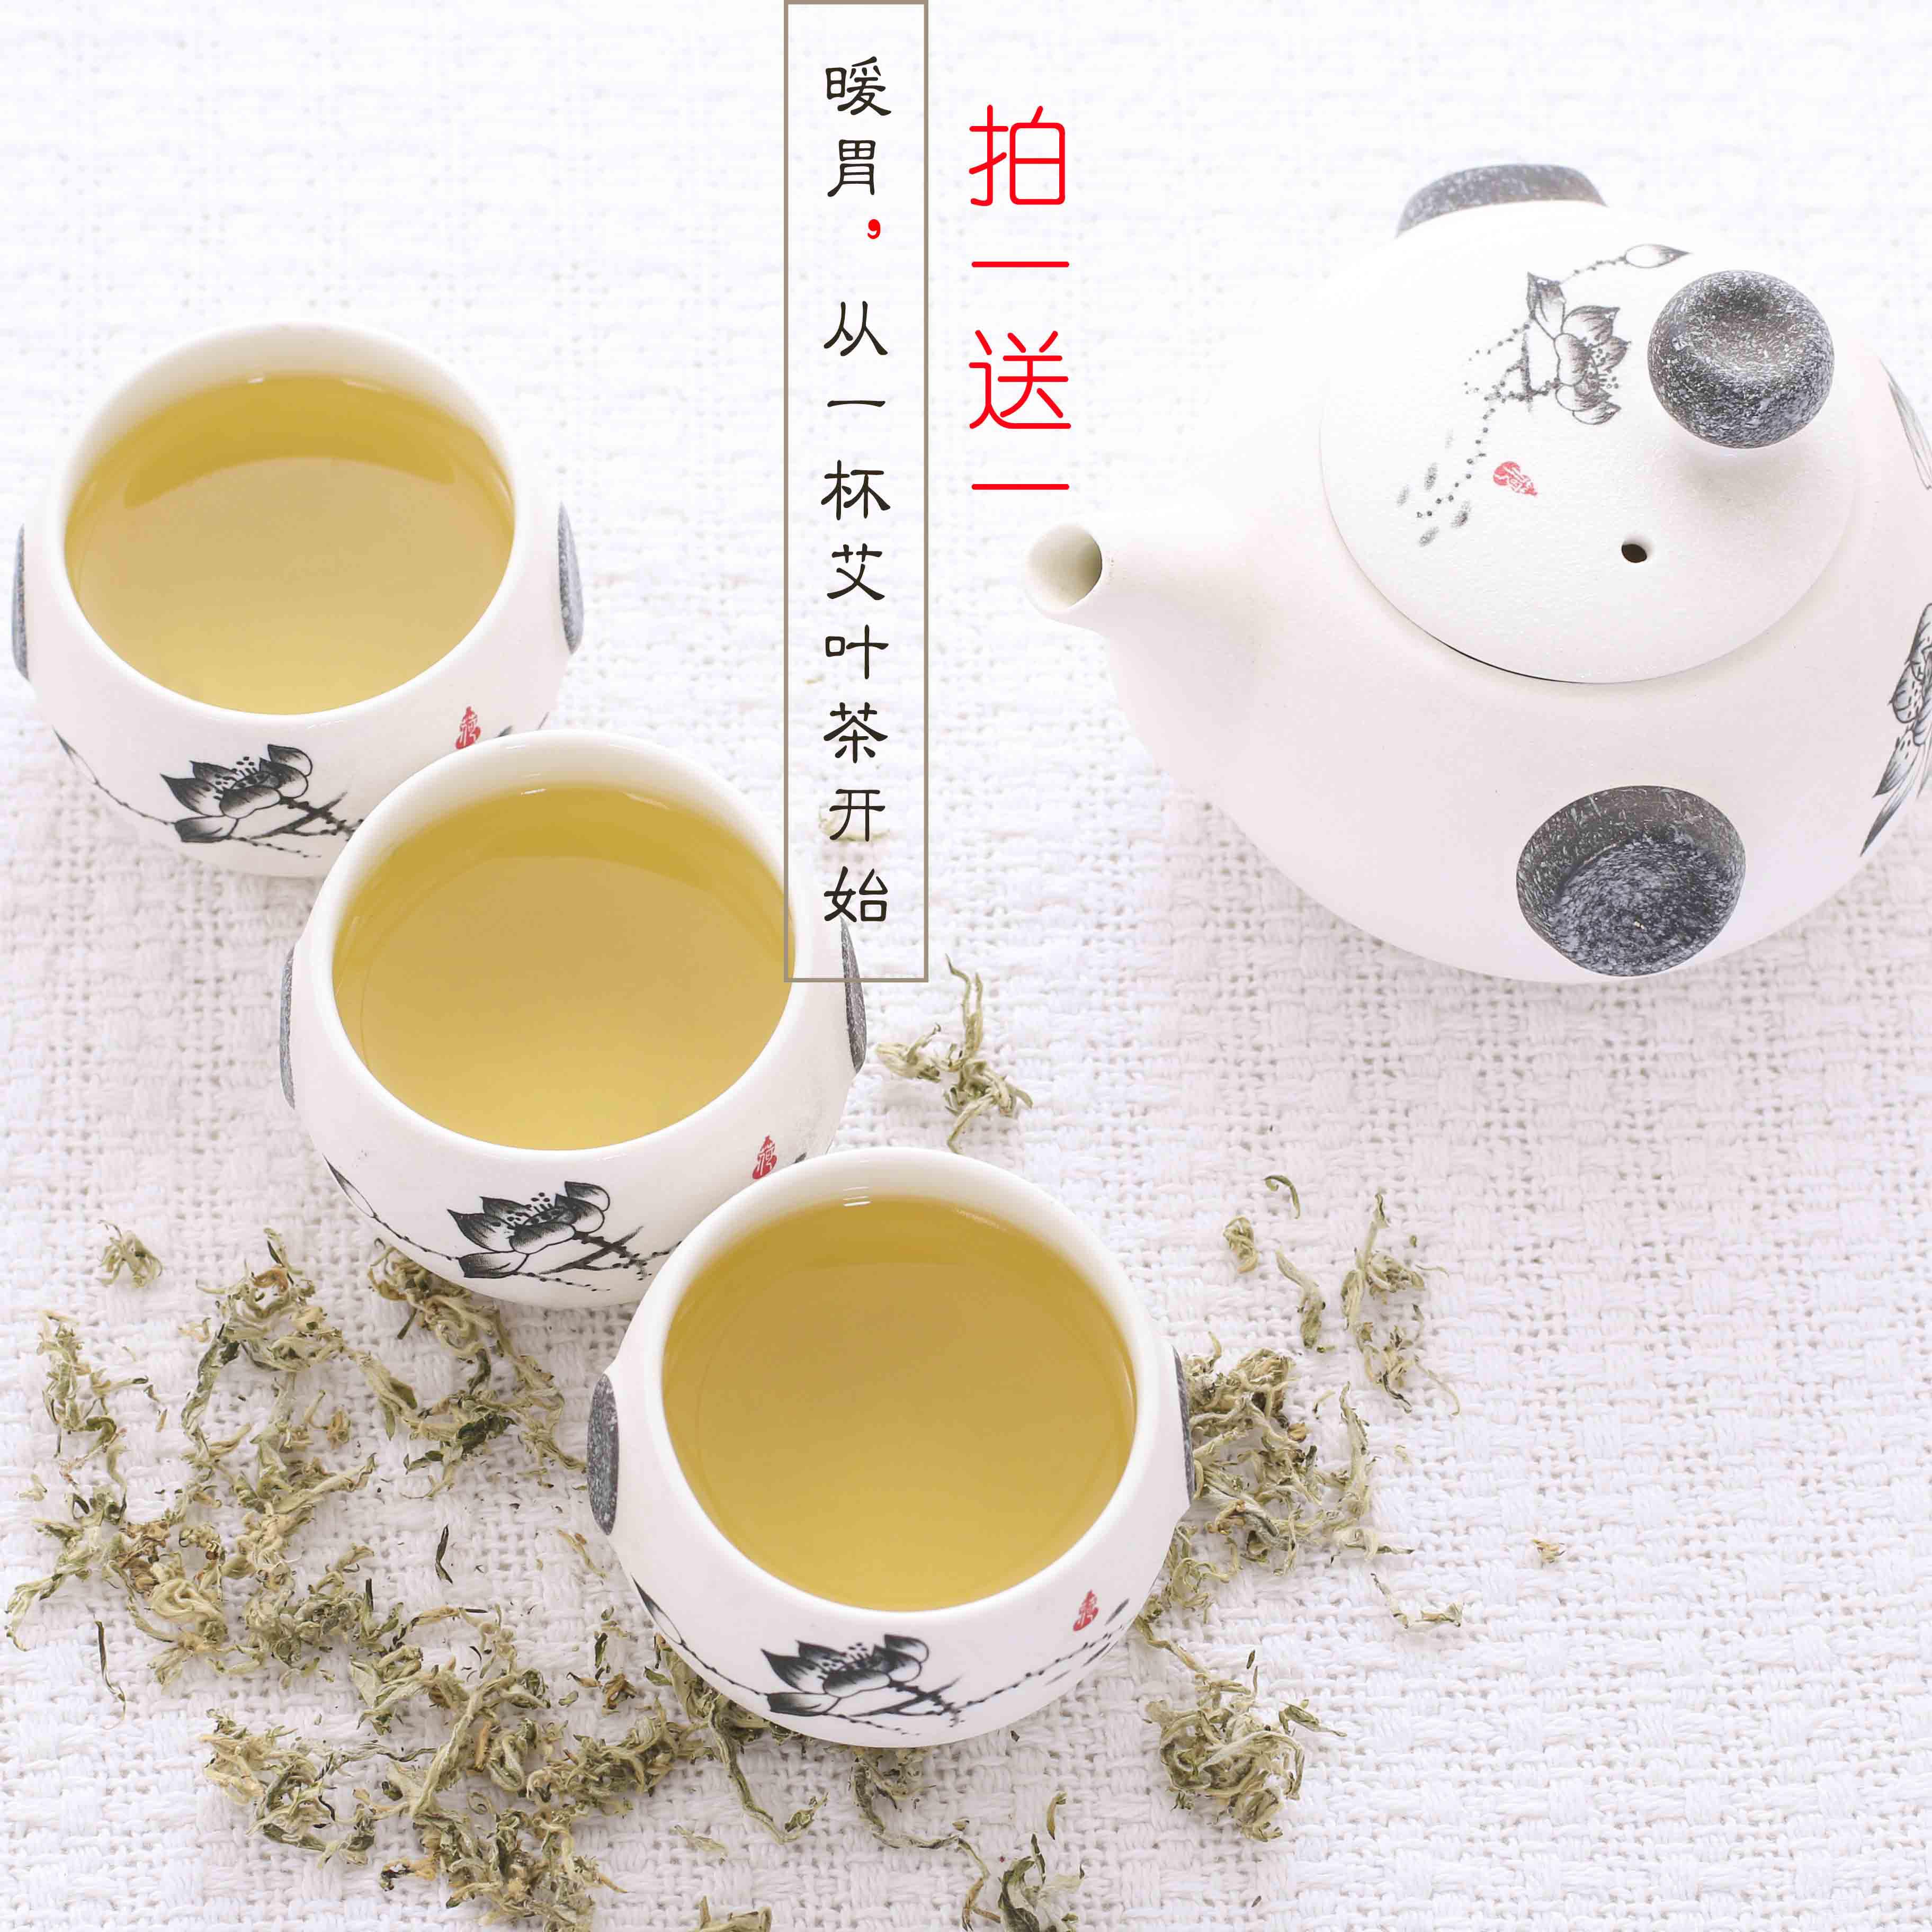 艾叶干艾草家用食用艾草茶泡水喝女姓正品特级艾尖茶嫩芽去湿气